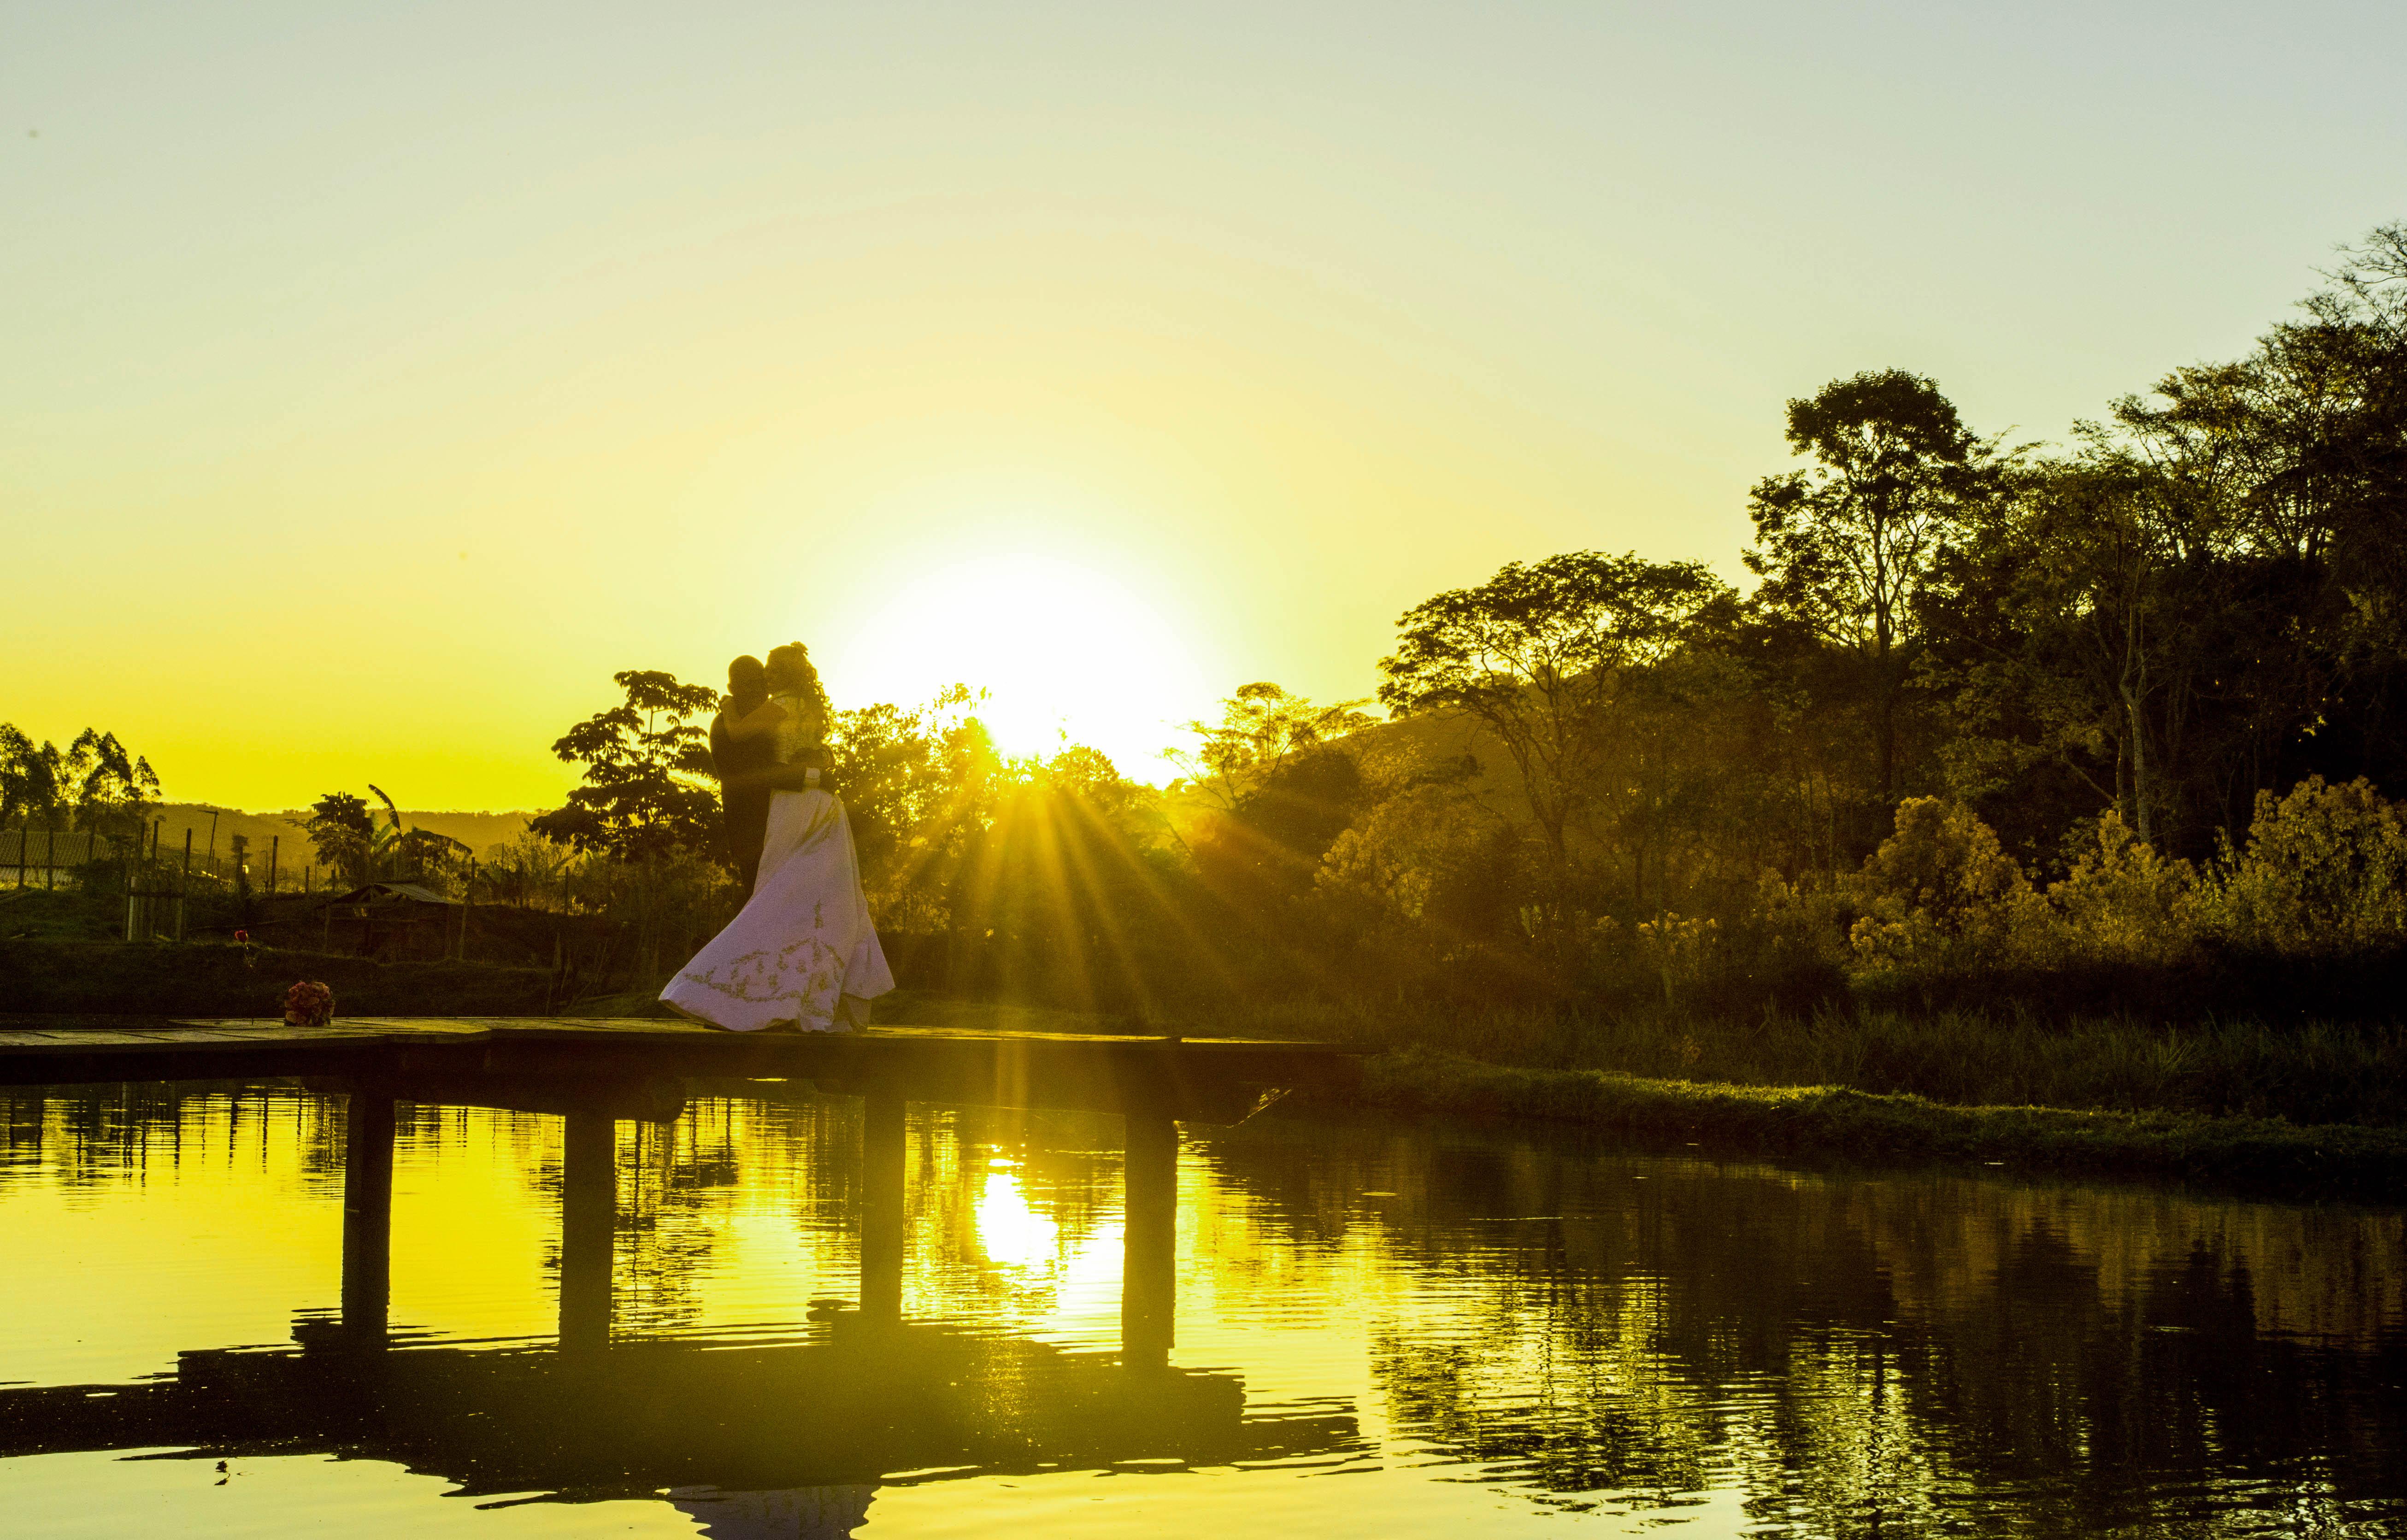 Fotografia de casamento Vitoria ES - Find a Click Fotografia casamento ES-11